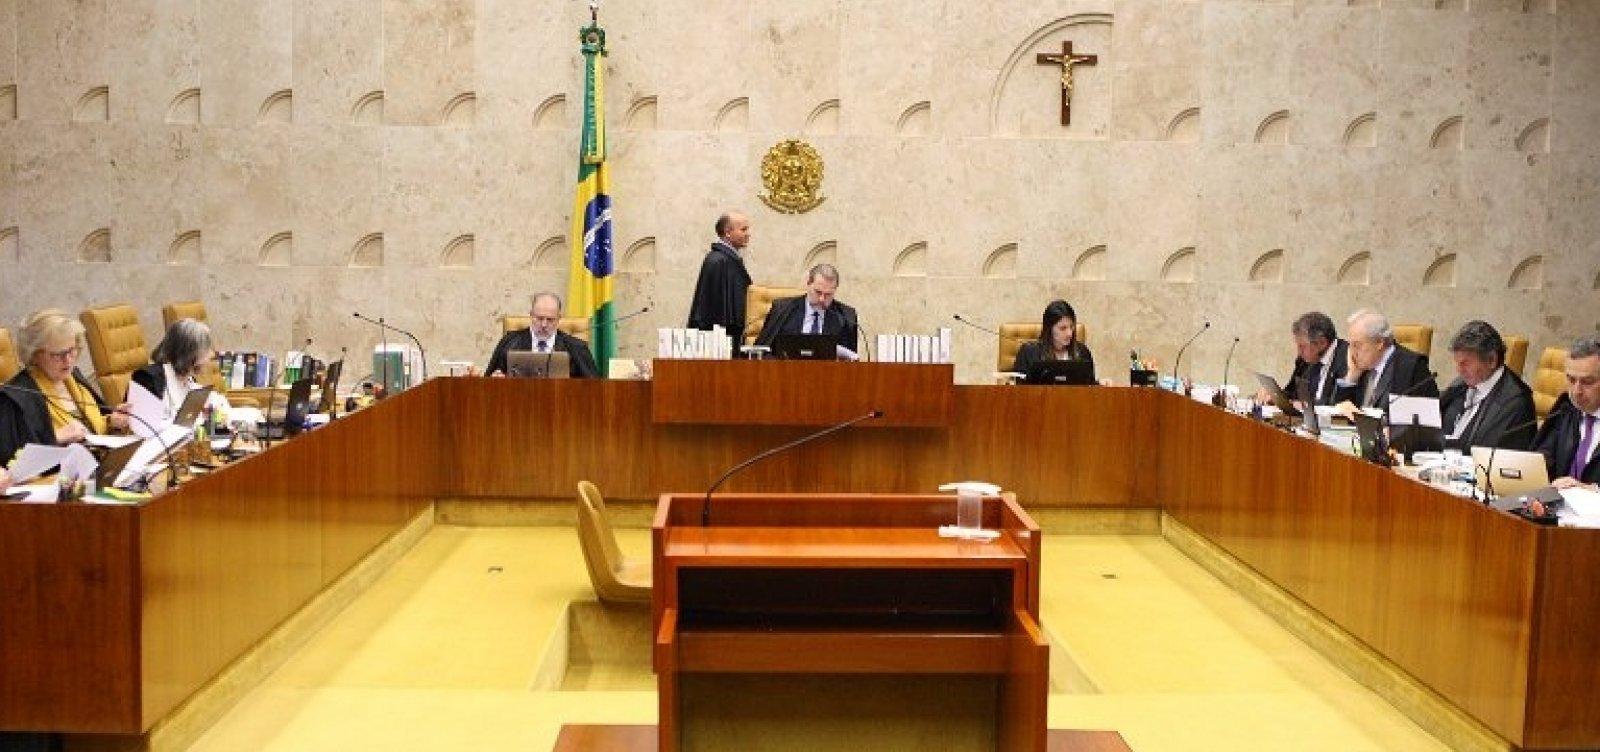 Procuradores pedem que STF retire acesso à mensagens pela defesa de Lula